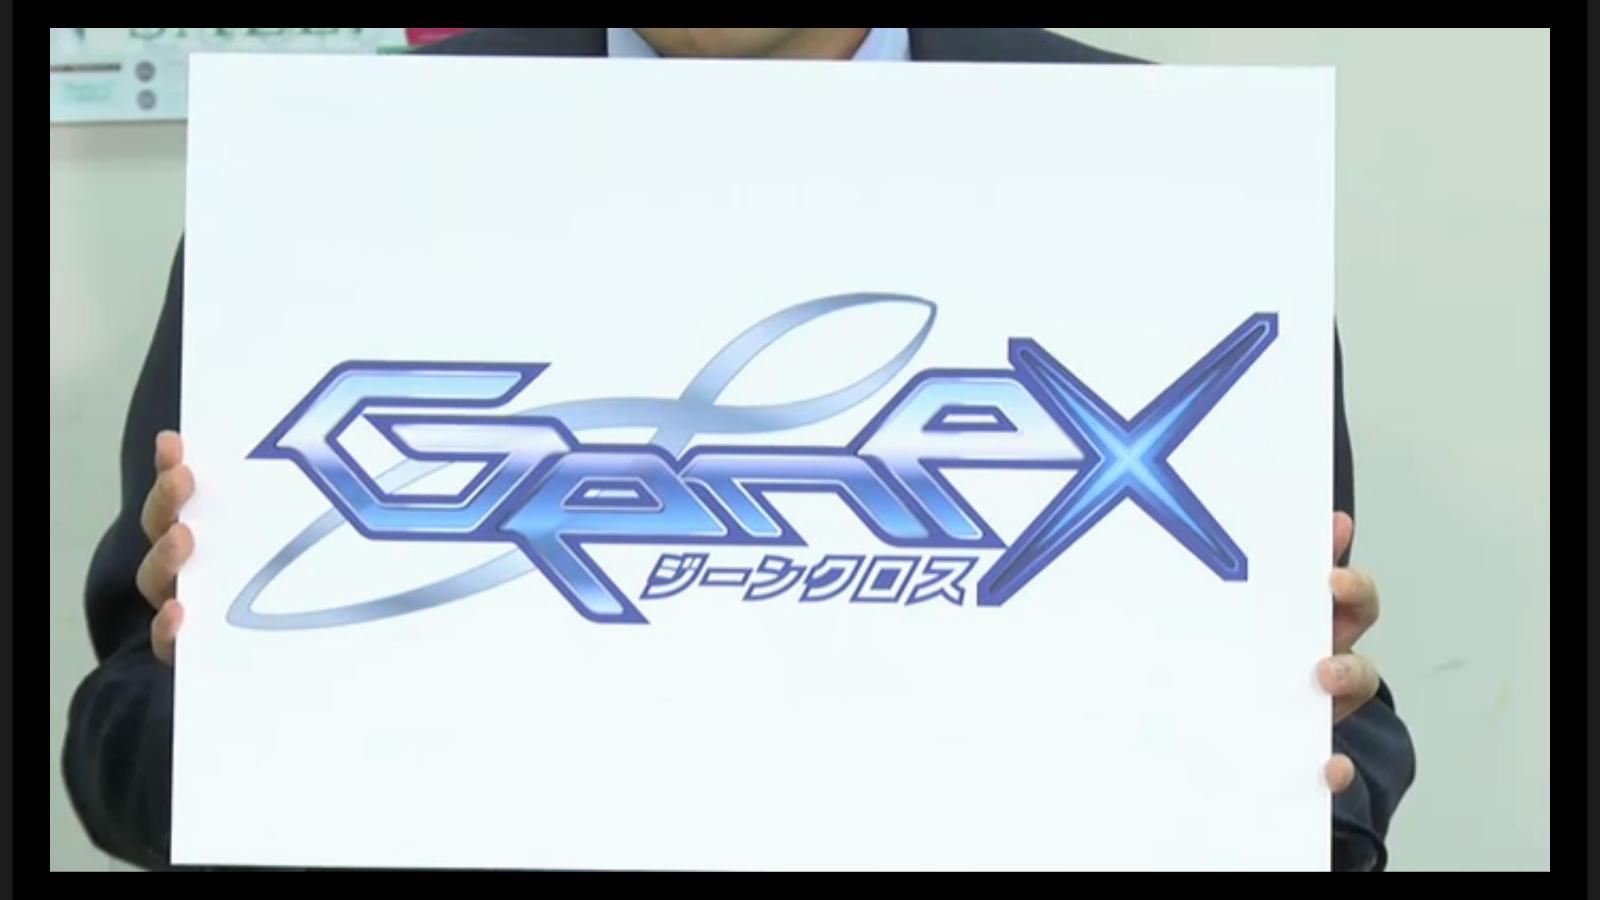 ジーンクロス発表会 新情報まとめ01.jpg ファイブクロスは「ジーンクロス」に改名